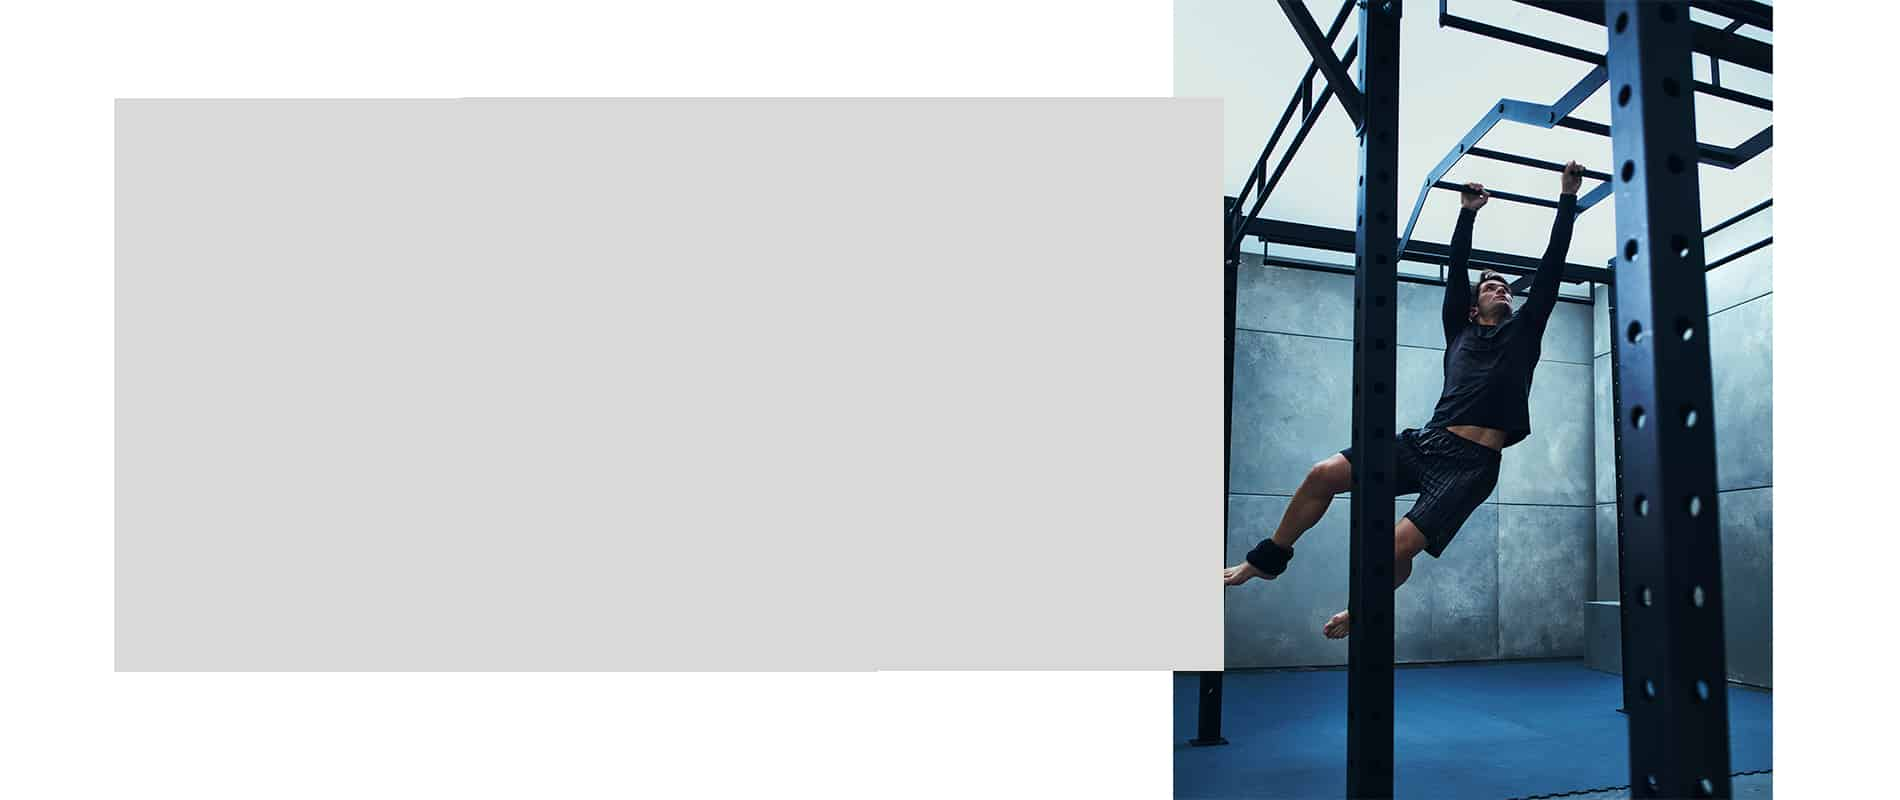 treningustyr gymutstyr casall pro casall professional fitnessagenten gym trening